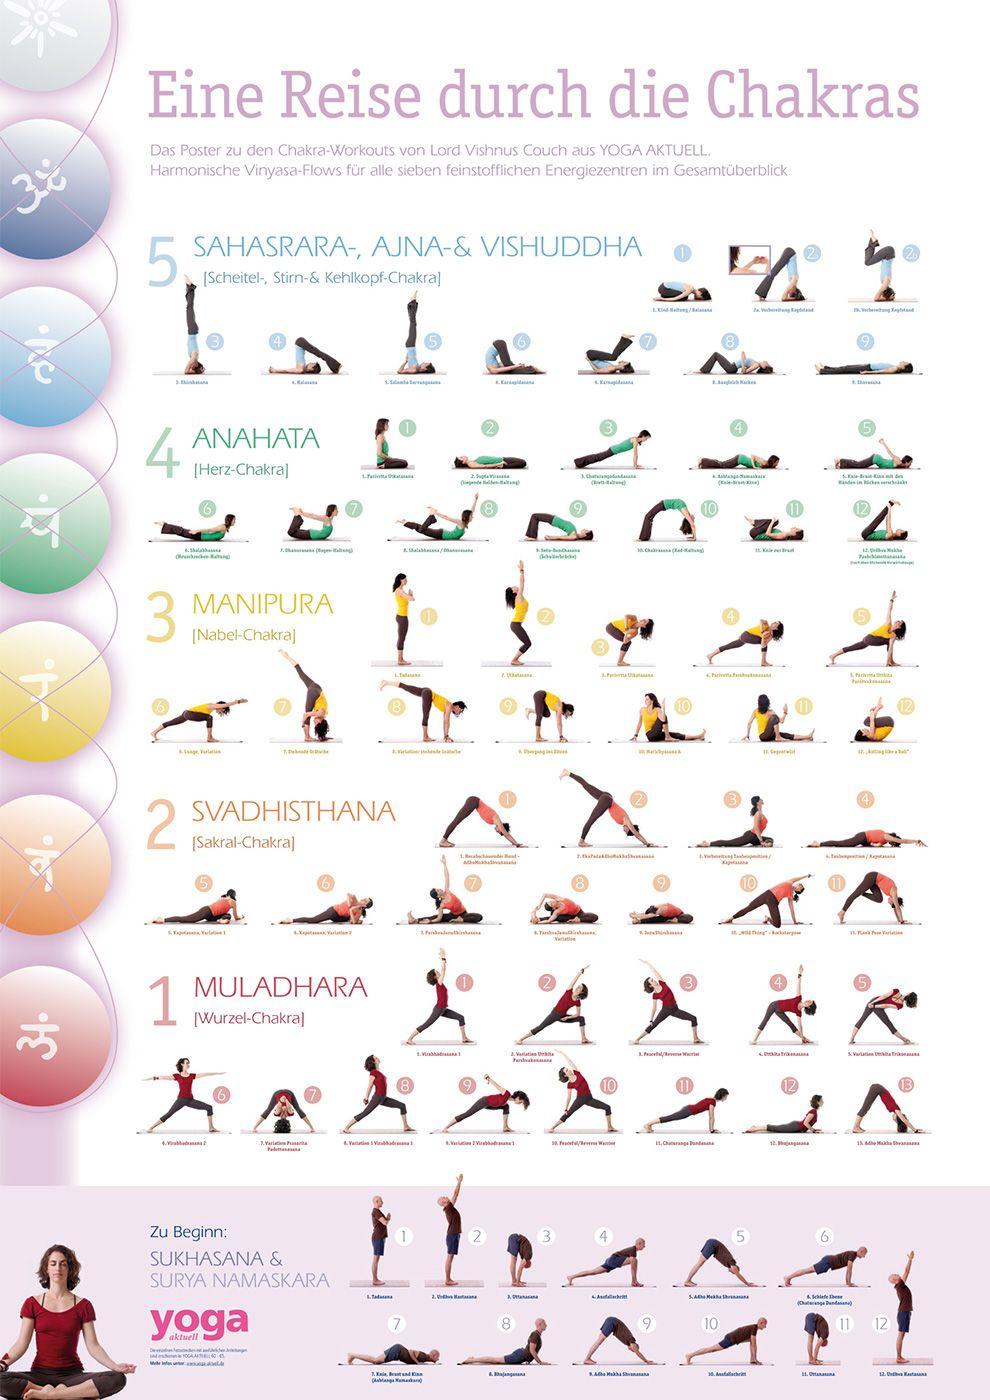 Die Yoga Challenge Hilft Ihrem Körper, Perfekt Auszusehen Und Ihr Liebesleben Besser Zu Machen! Versuchen Sie Es Die Yoga Challenge hilft Ihrem Körper, perfekt auszusehen und Ihr Liebesleben besser zu machen! Versuchen Sie es Yoga vinyasa